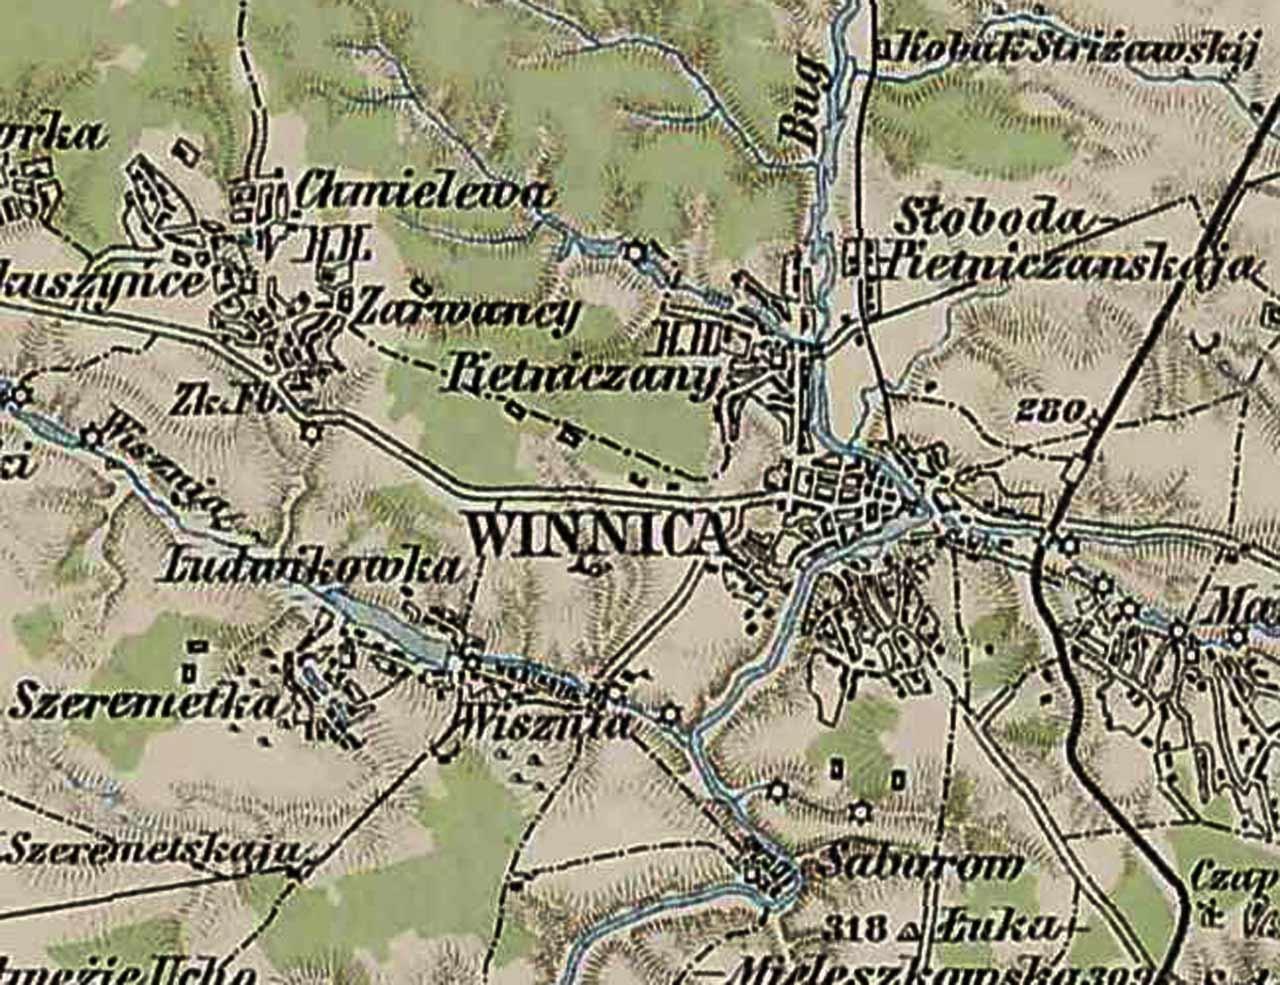 Mapa Winnicy i okolic z 1910 roku